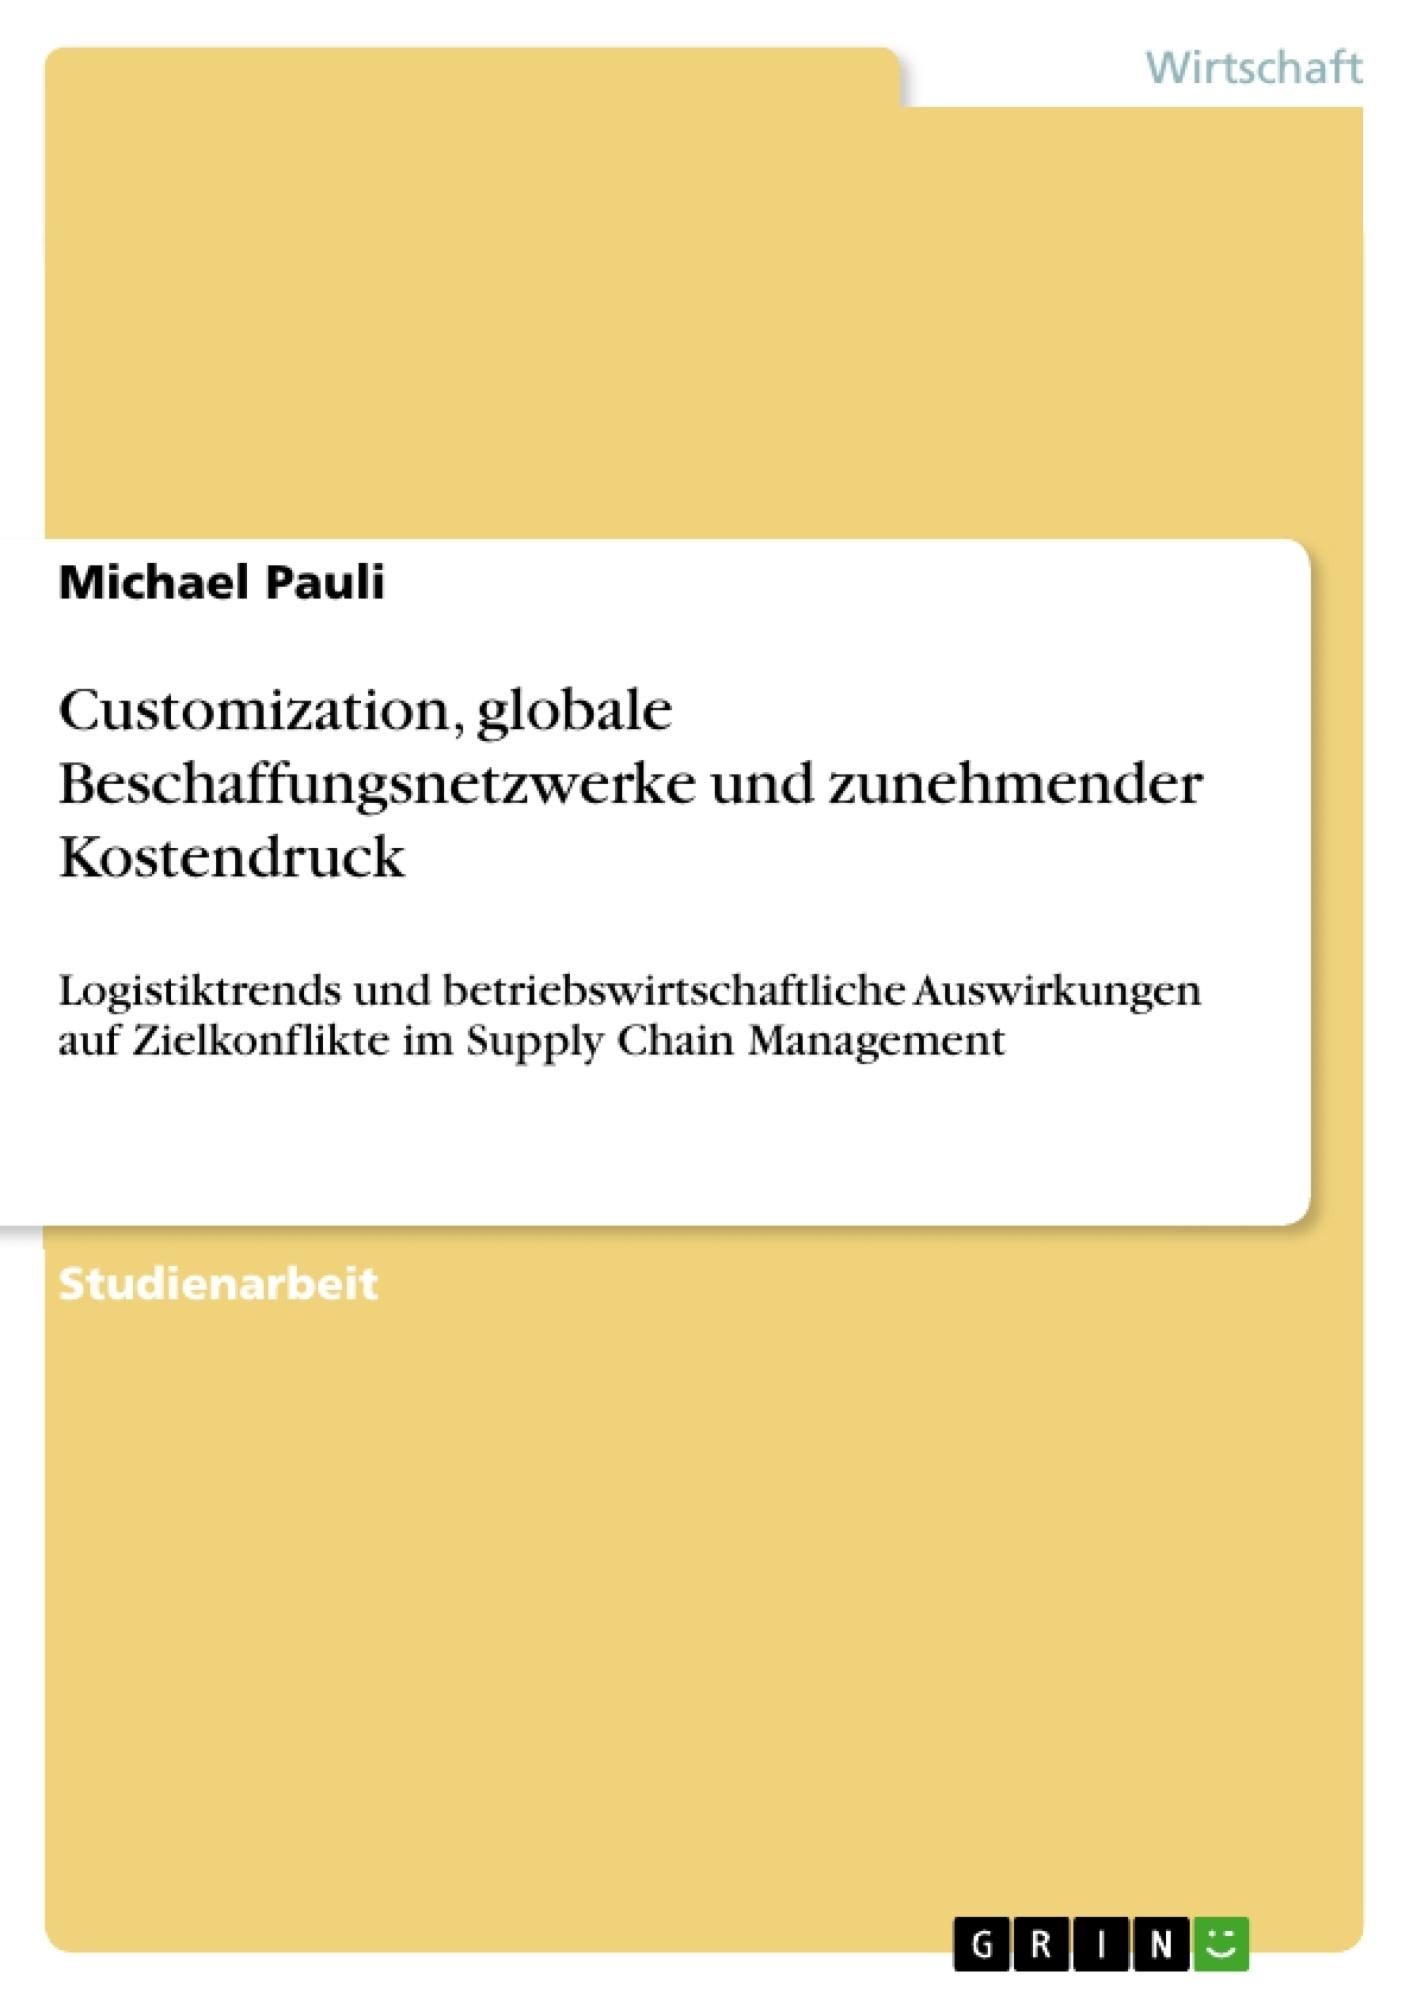 Titel: Customization, globale Beschaffungsnetzwerke und zunehmender Kostendruck